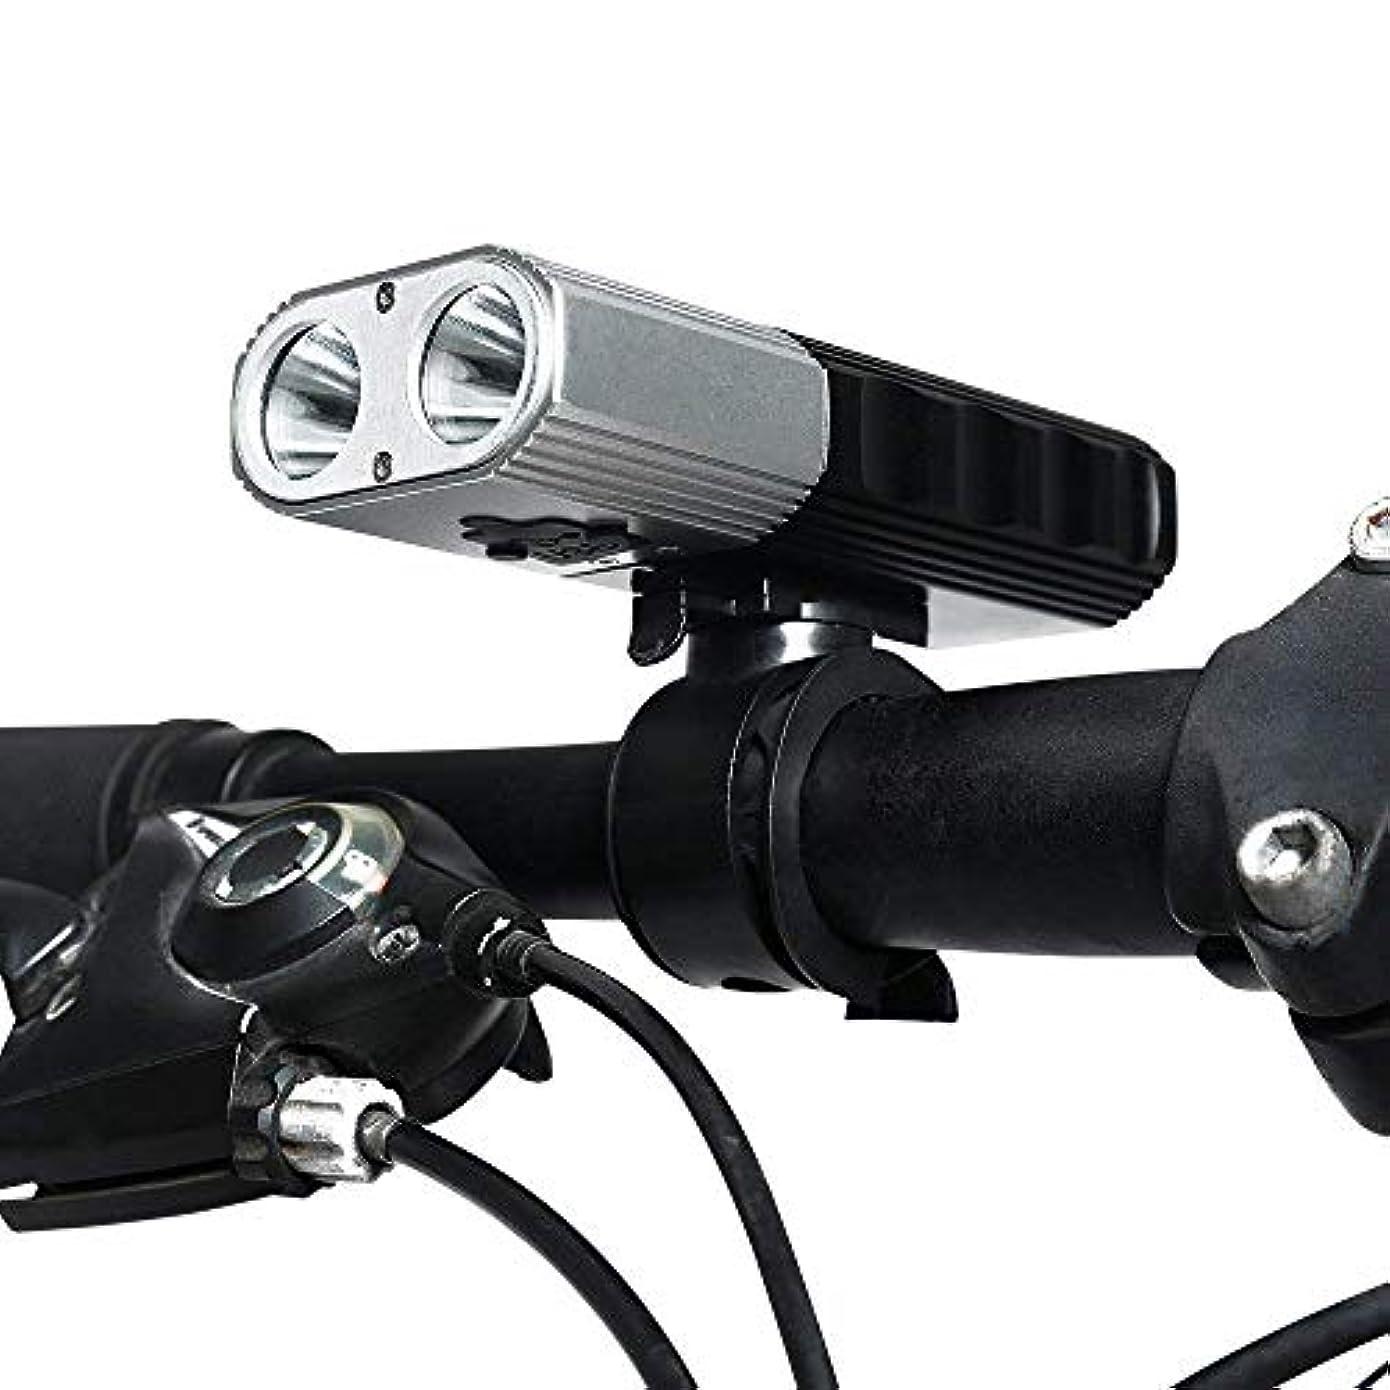 金属どっちでも宣伝MUTANG USB充電式自転車ライトセット2x700ルーメン自転車ライト自転車ヘッドライトフロントランプマウンテンバイクライト自転車ライト自転車ライト防水IP65